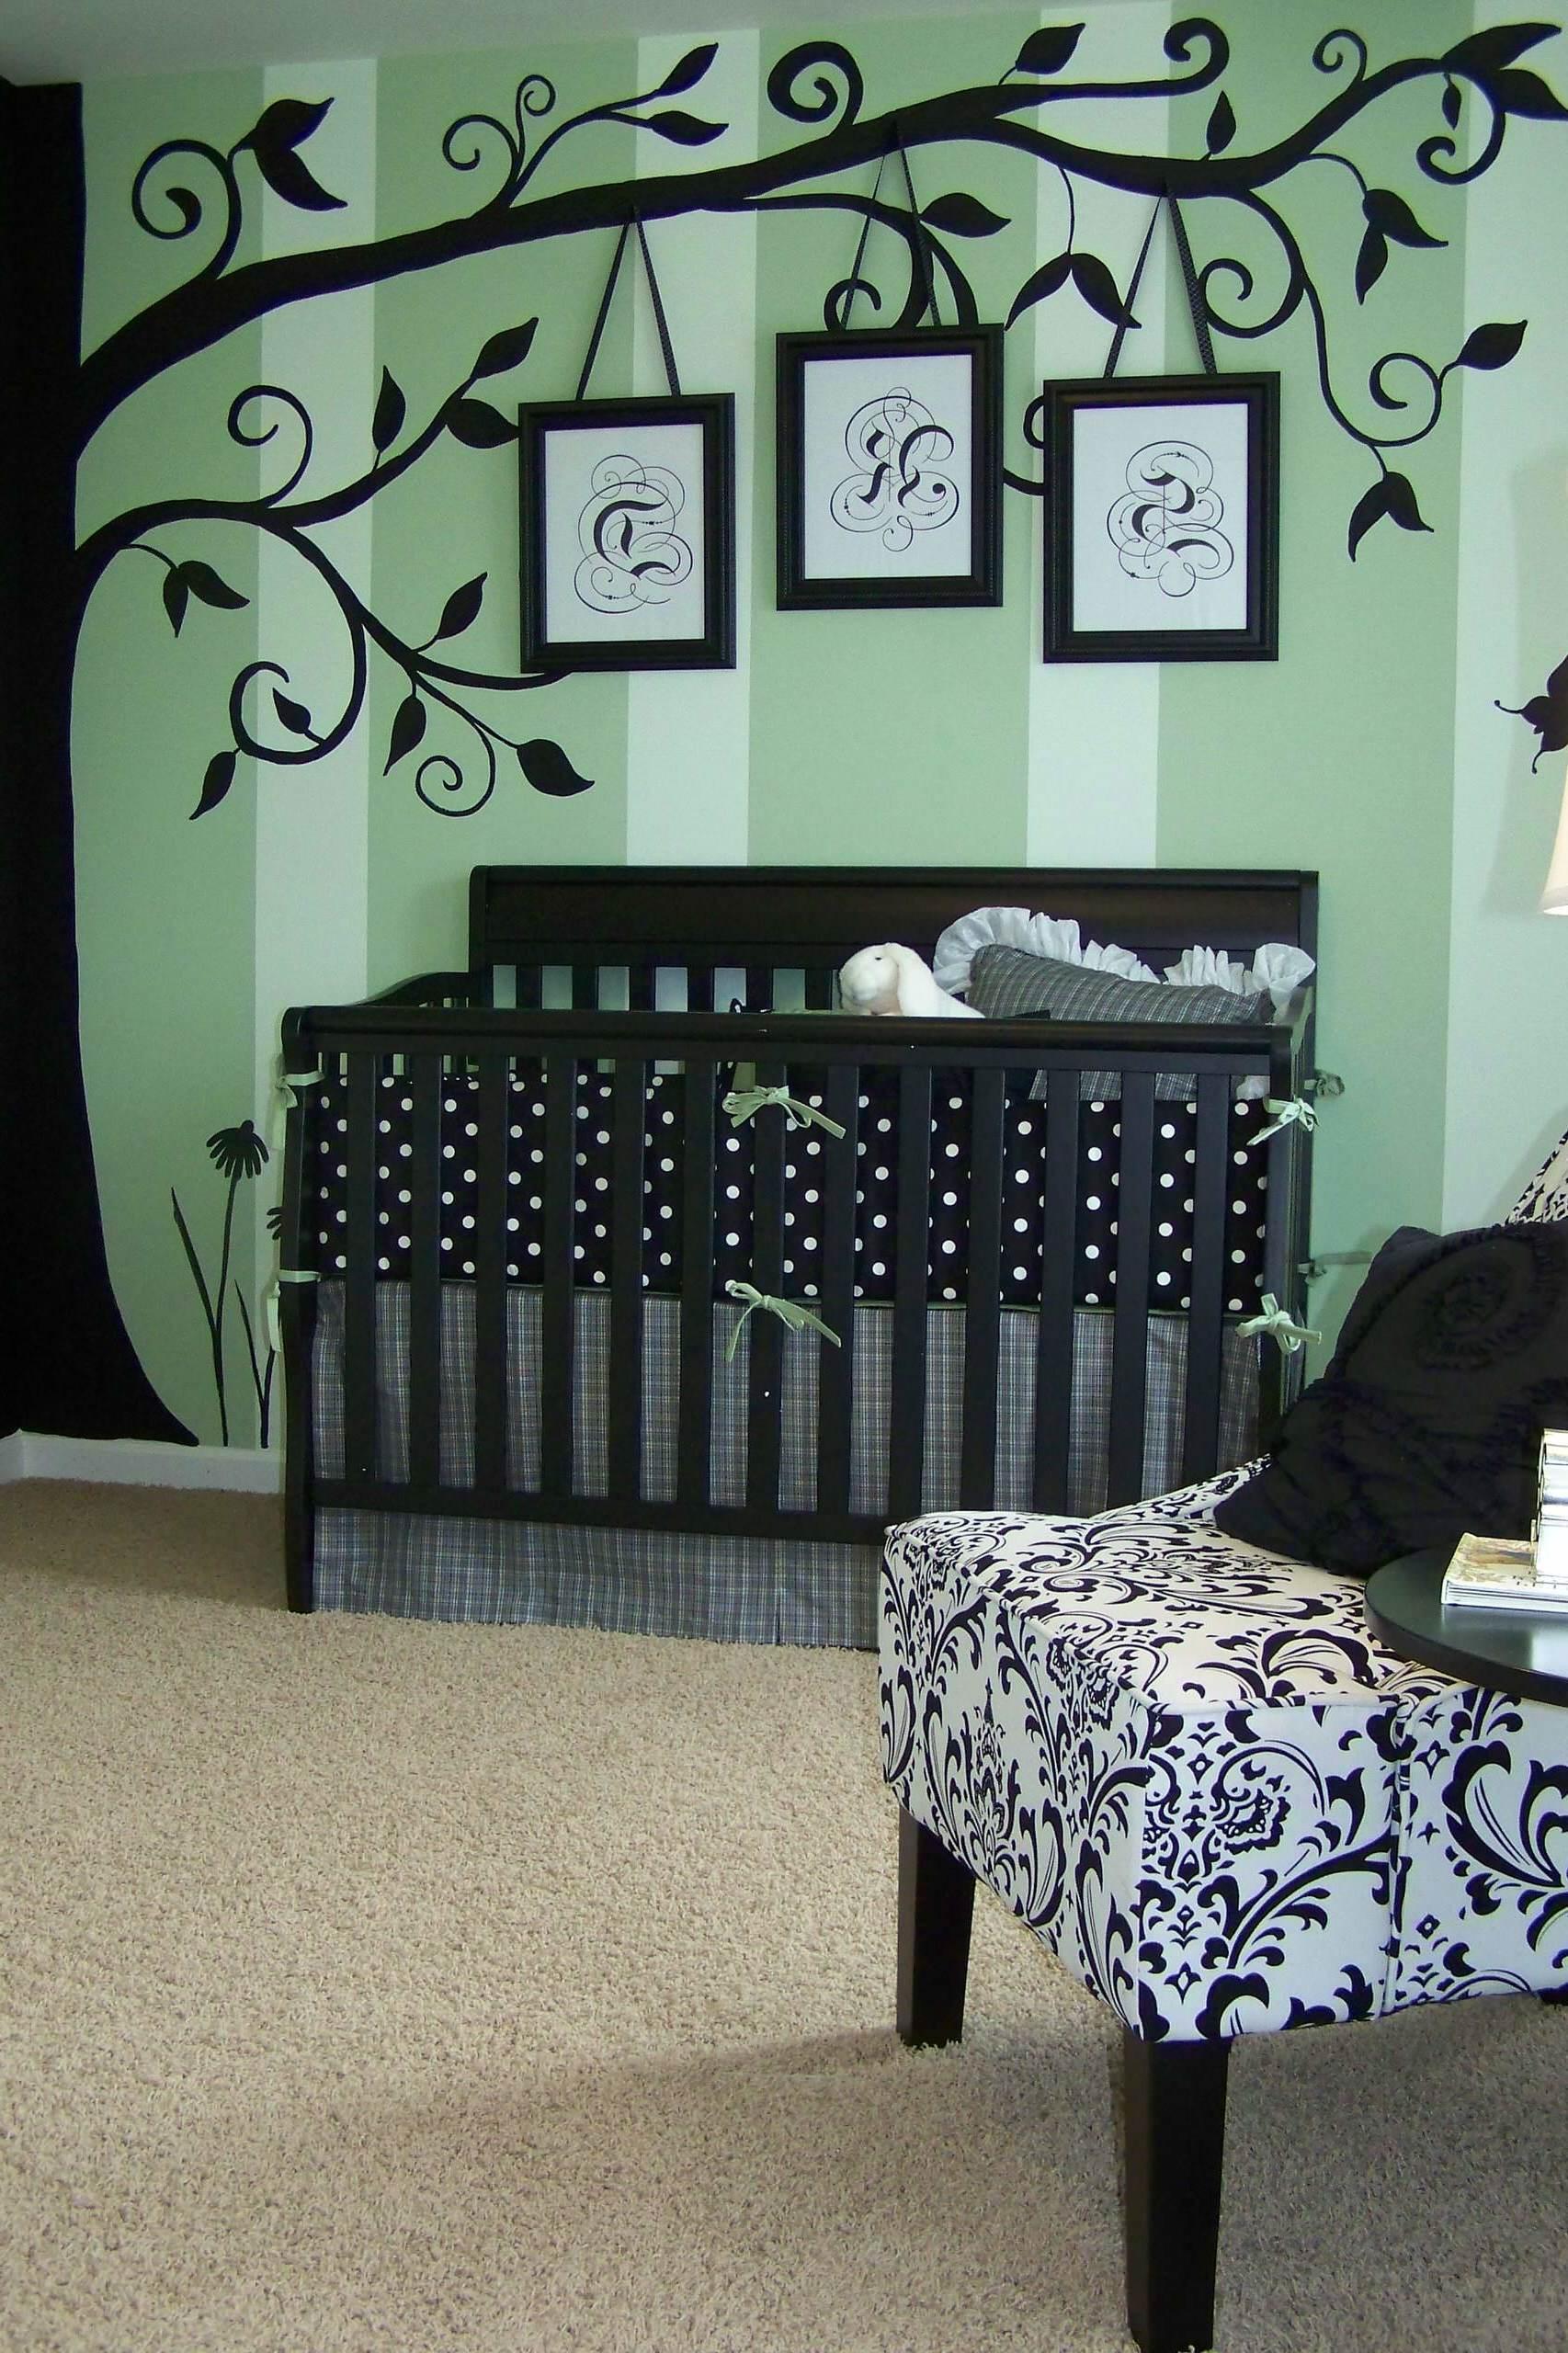 Noch viele tolle Inspirationen für ein fulminantes Wandgeslatung Schlafzimmer: